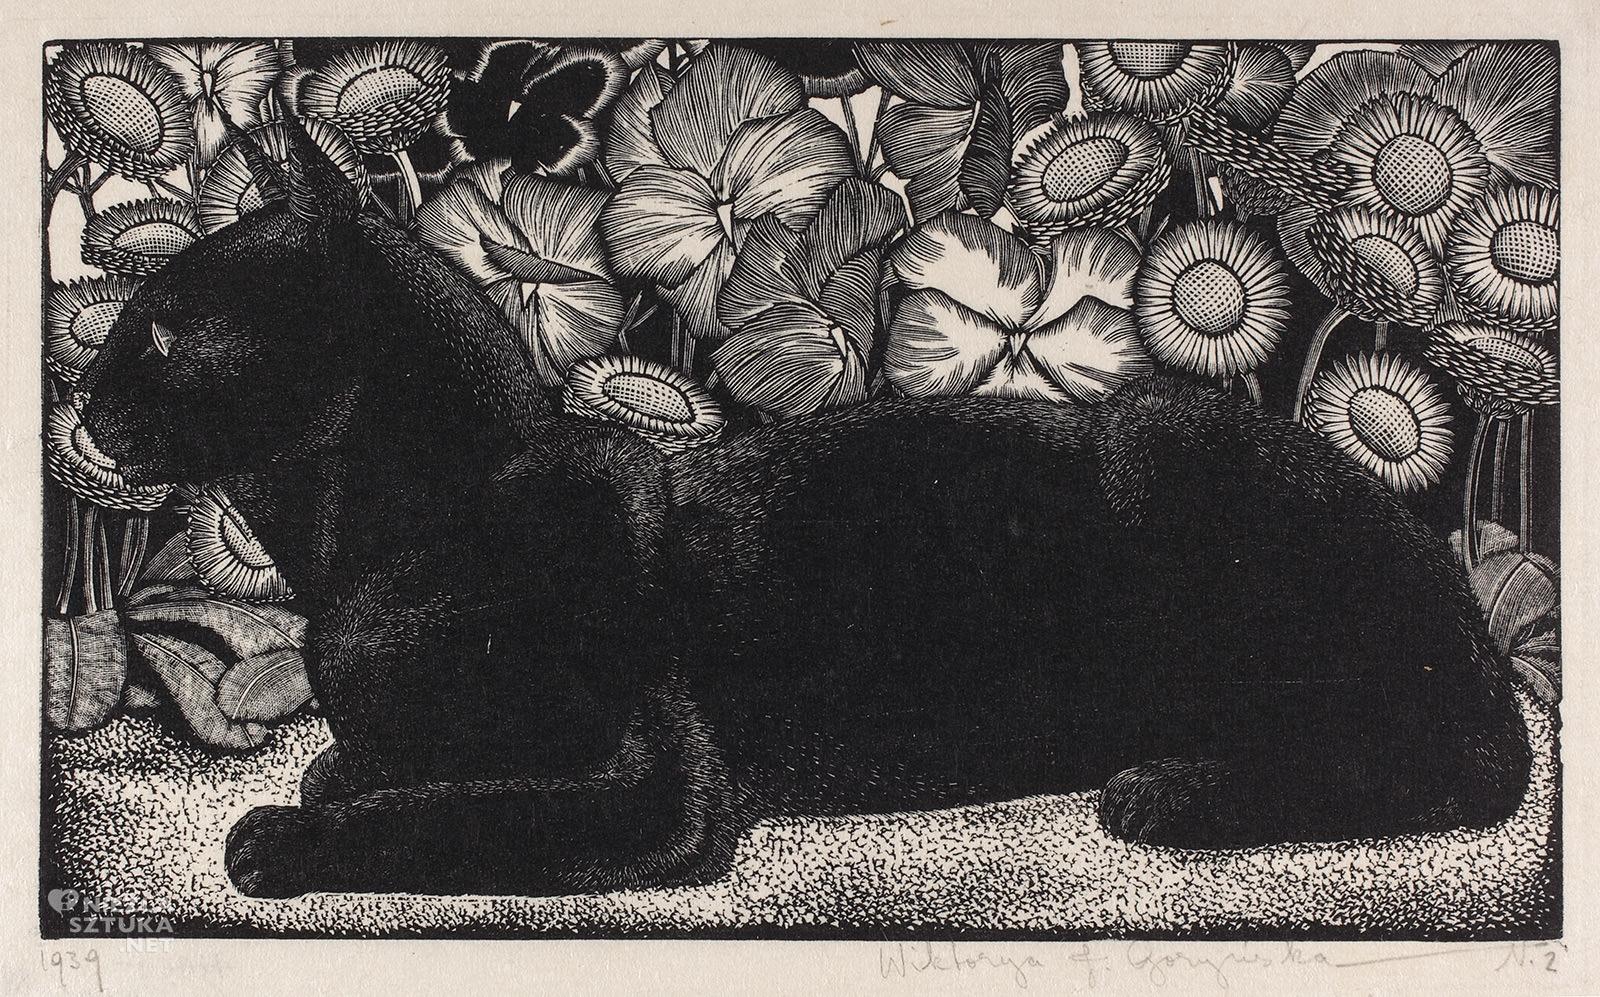 Wiktoria Goryńska, Czarny kot na tle kwiatów, koty w sztuce, kobiety w sztuce, Niezła Sztuka